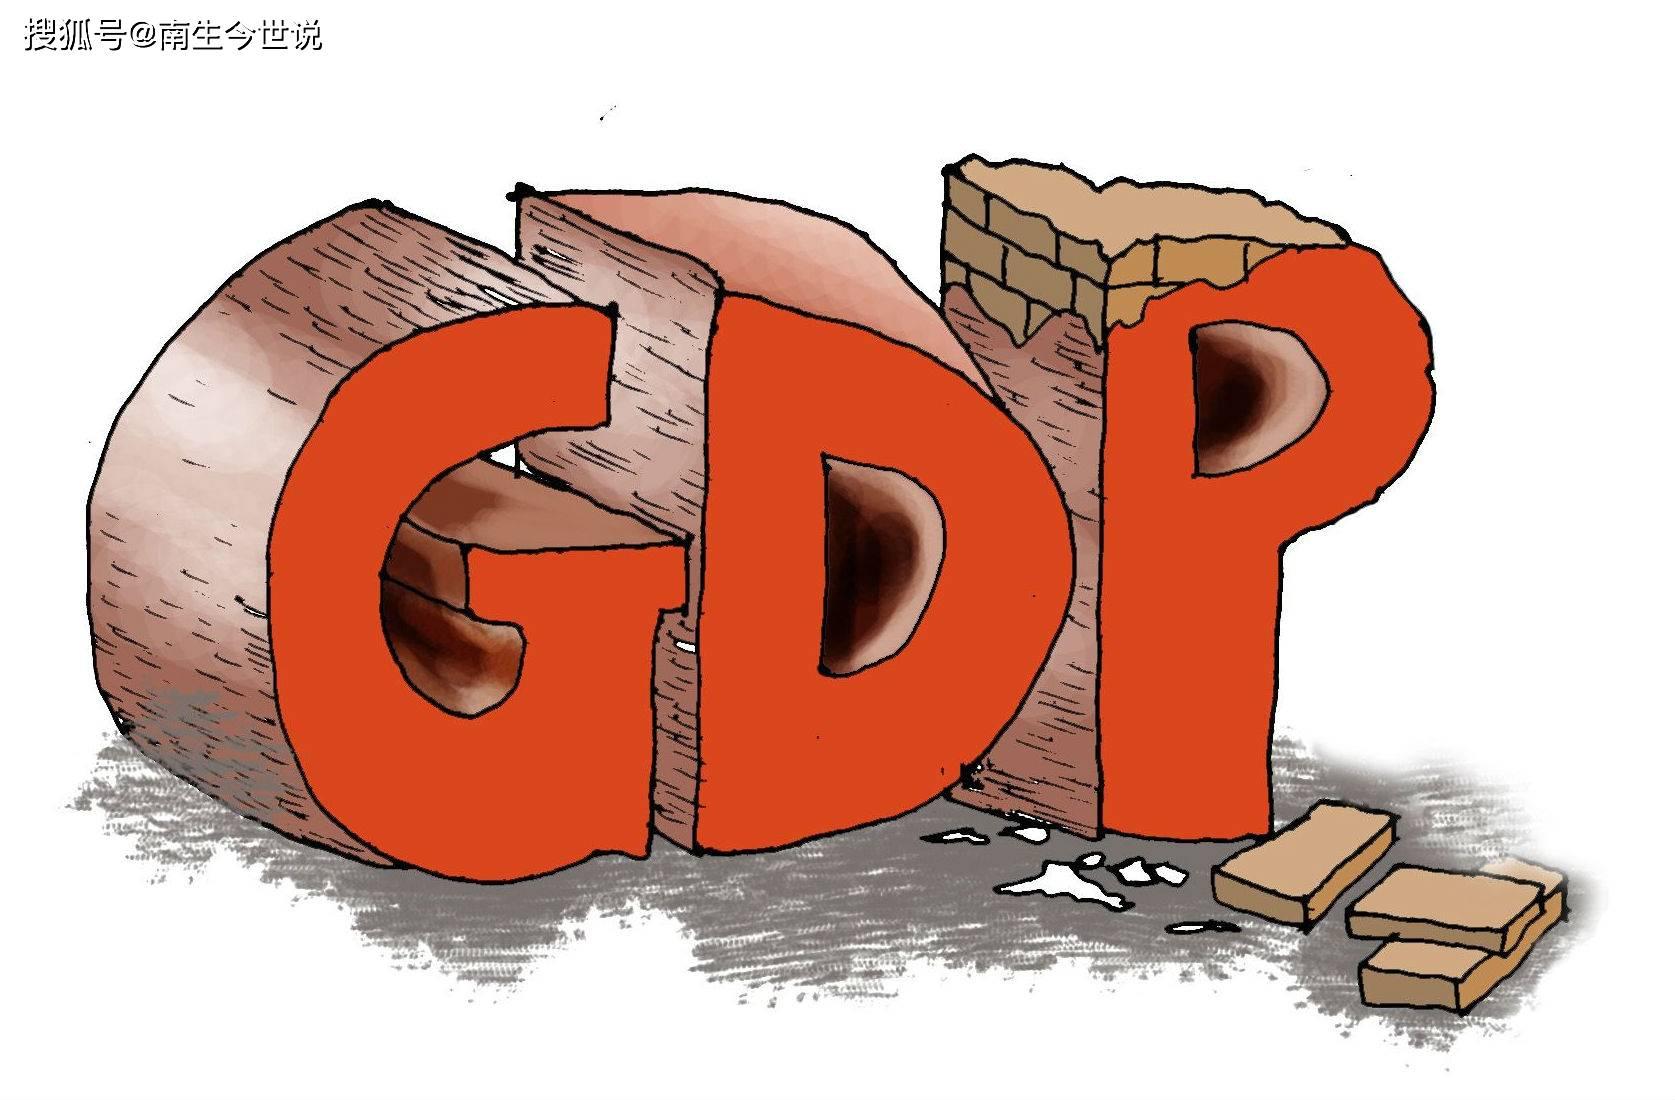 俄罗斯gdp总量2020_2020年欧洲GDP前十国:德国排第1、俄罗斯第5、瑞士第8、波兰第9